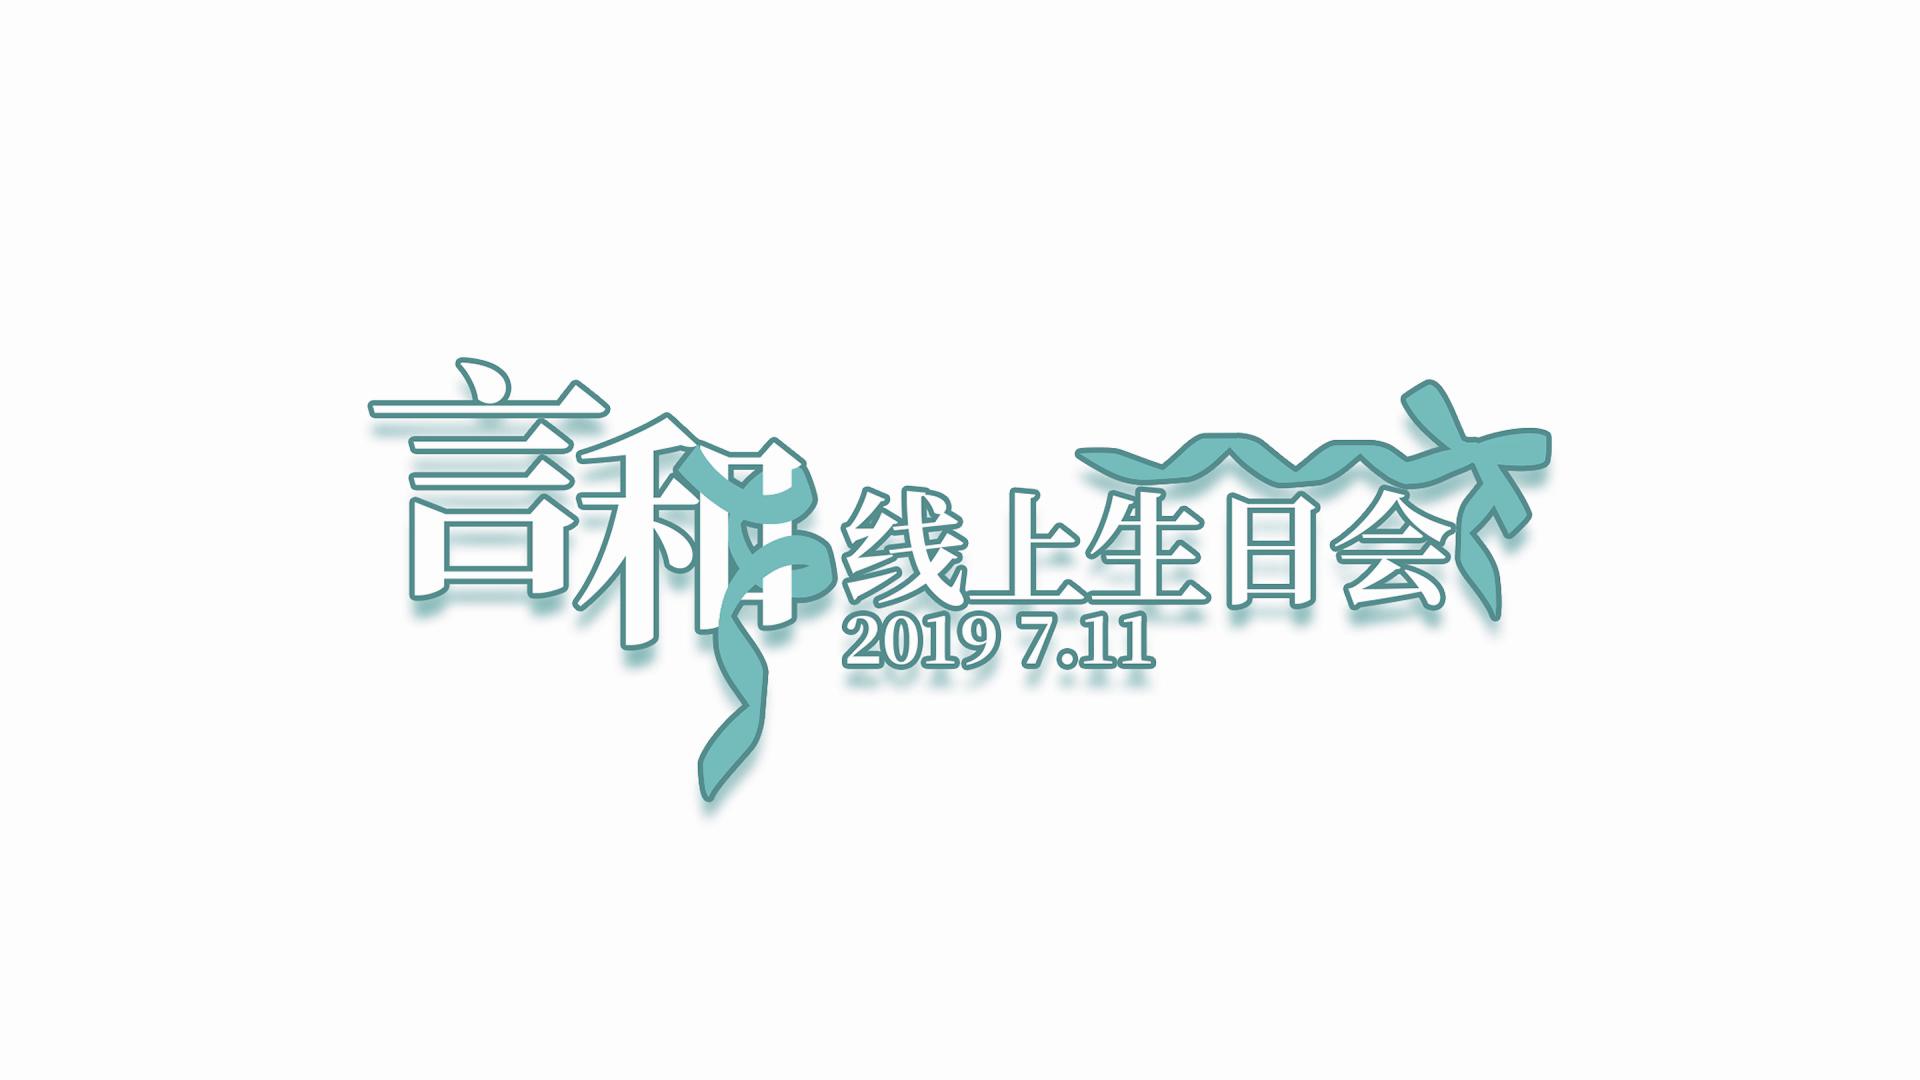 2019言和生日会直播视频